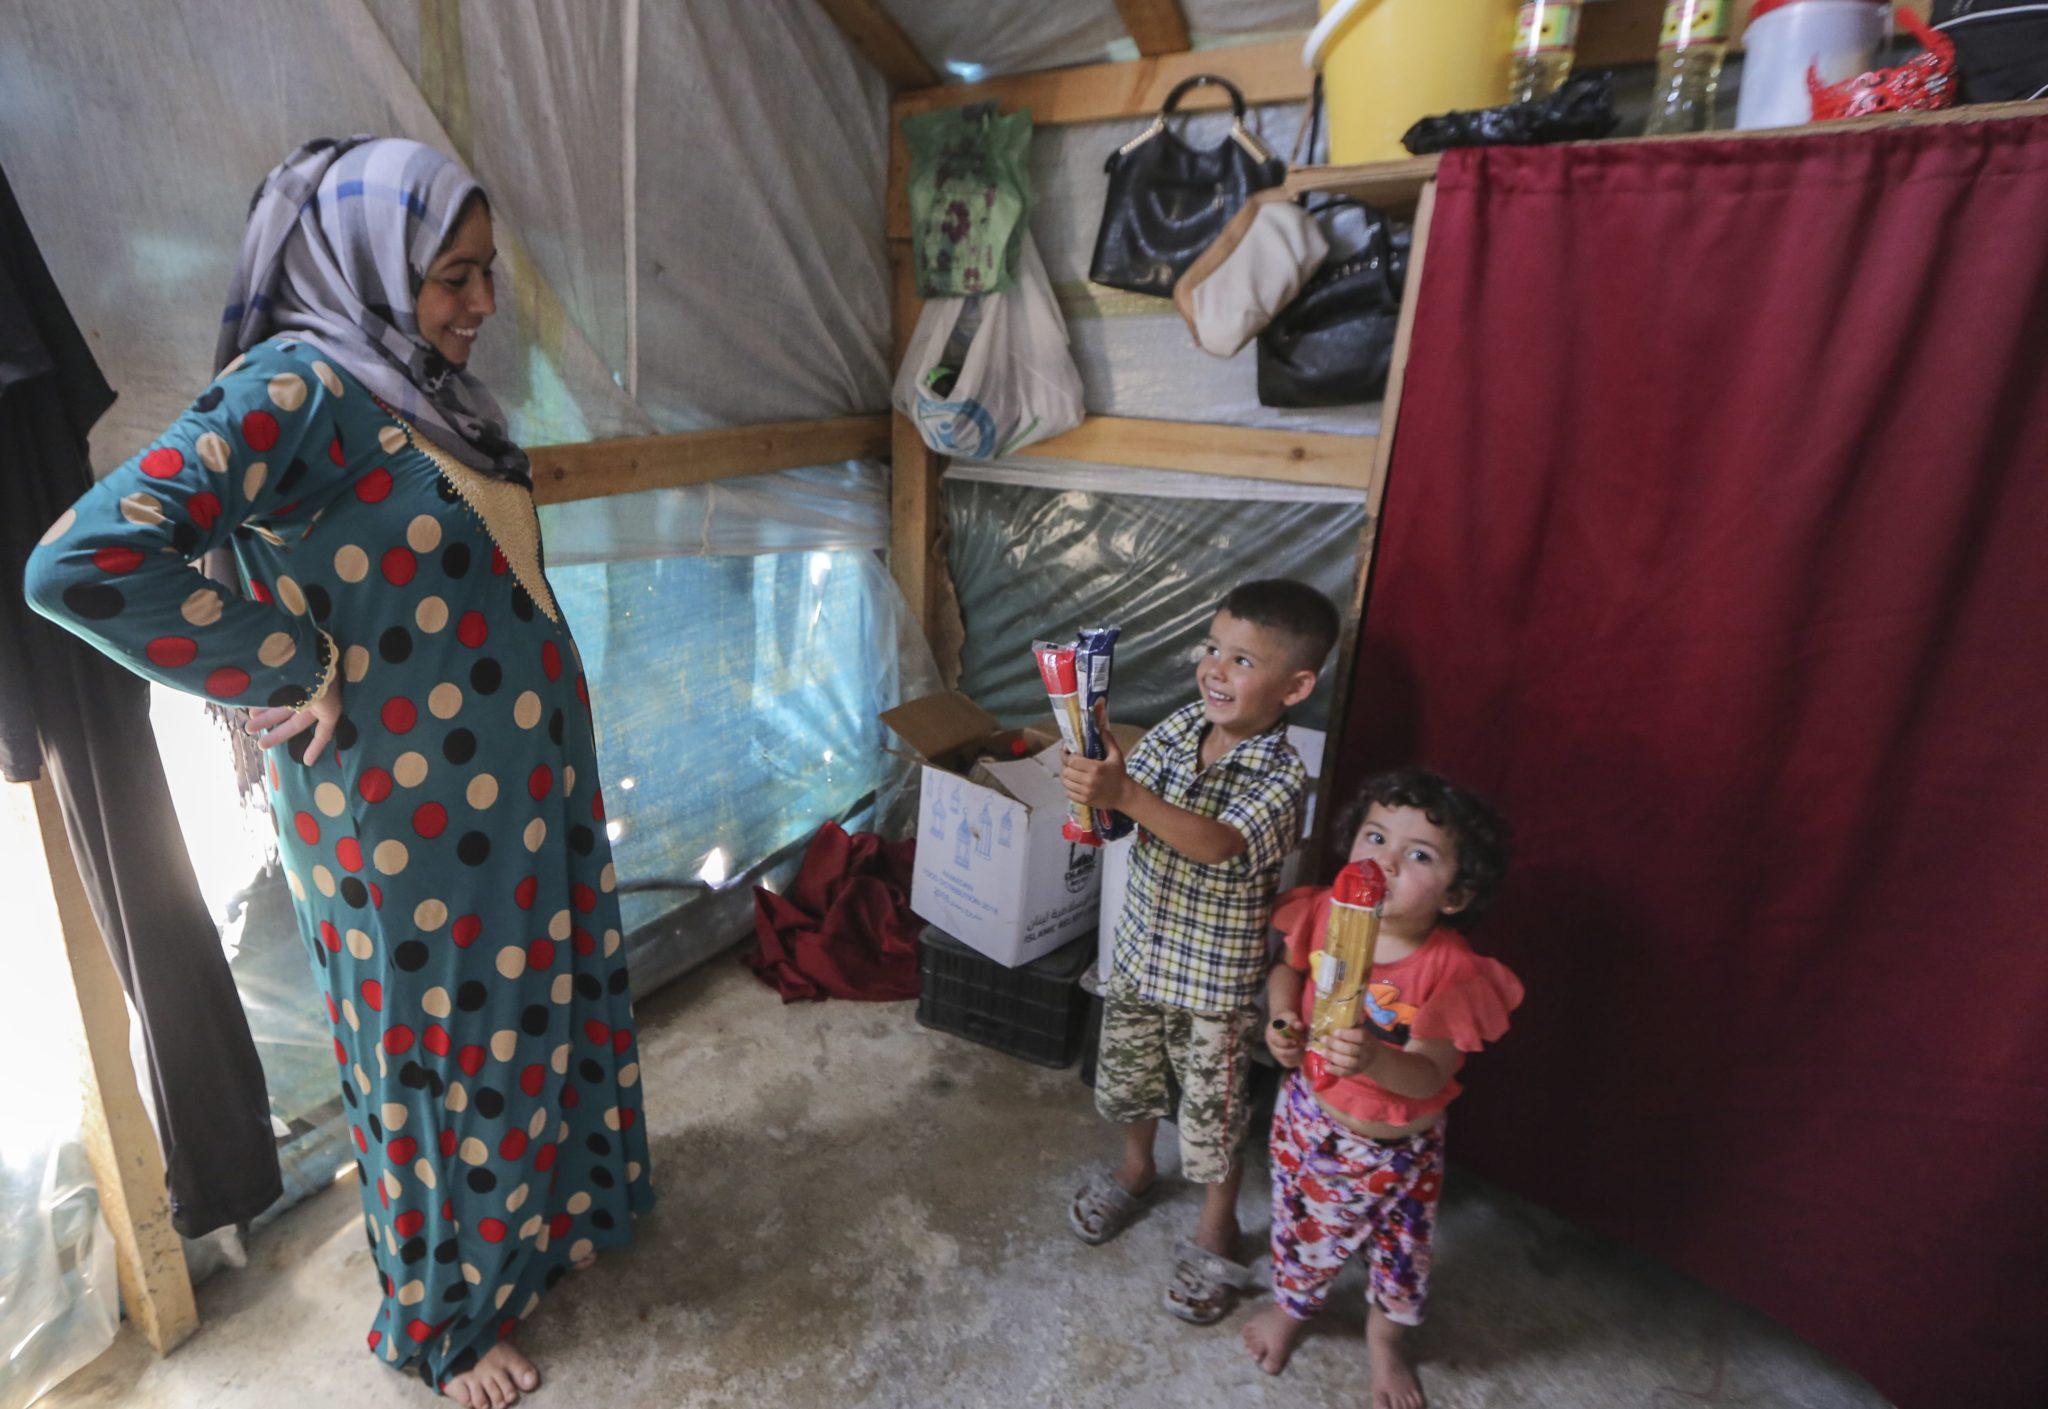 Kadija Ismail Al-Jneid, 32-letnia, syryjska uchodźczyni z Al-Raqqa w Syrii i jej dzieci znajdują się w prowizorycznym schronieniu w syryjskim obozie dla uchodźców Al-Basma w rejonie Deir Zanoun w dolinie Bekaa, wschodni Liban, fot: Nabil Mounzer, PAP/EPA